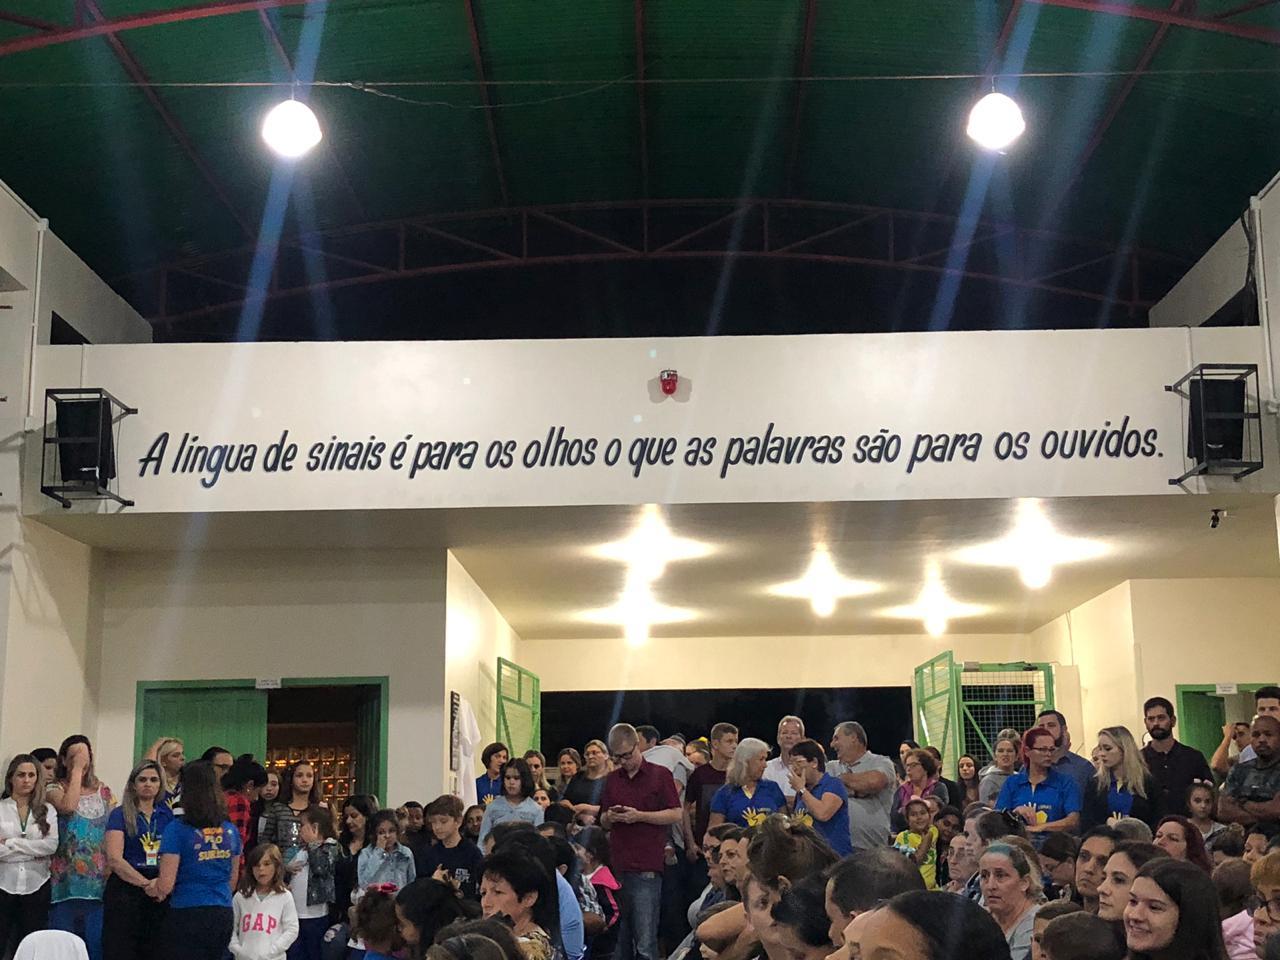 Educação: escola polo para surdos inaugura sinal audiovisual